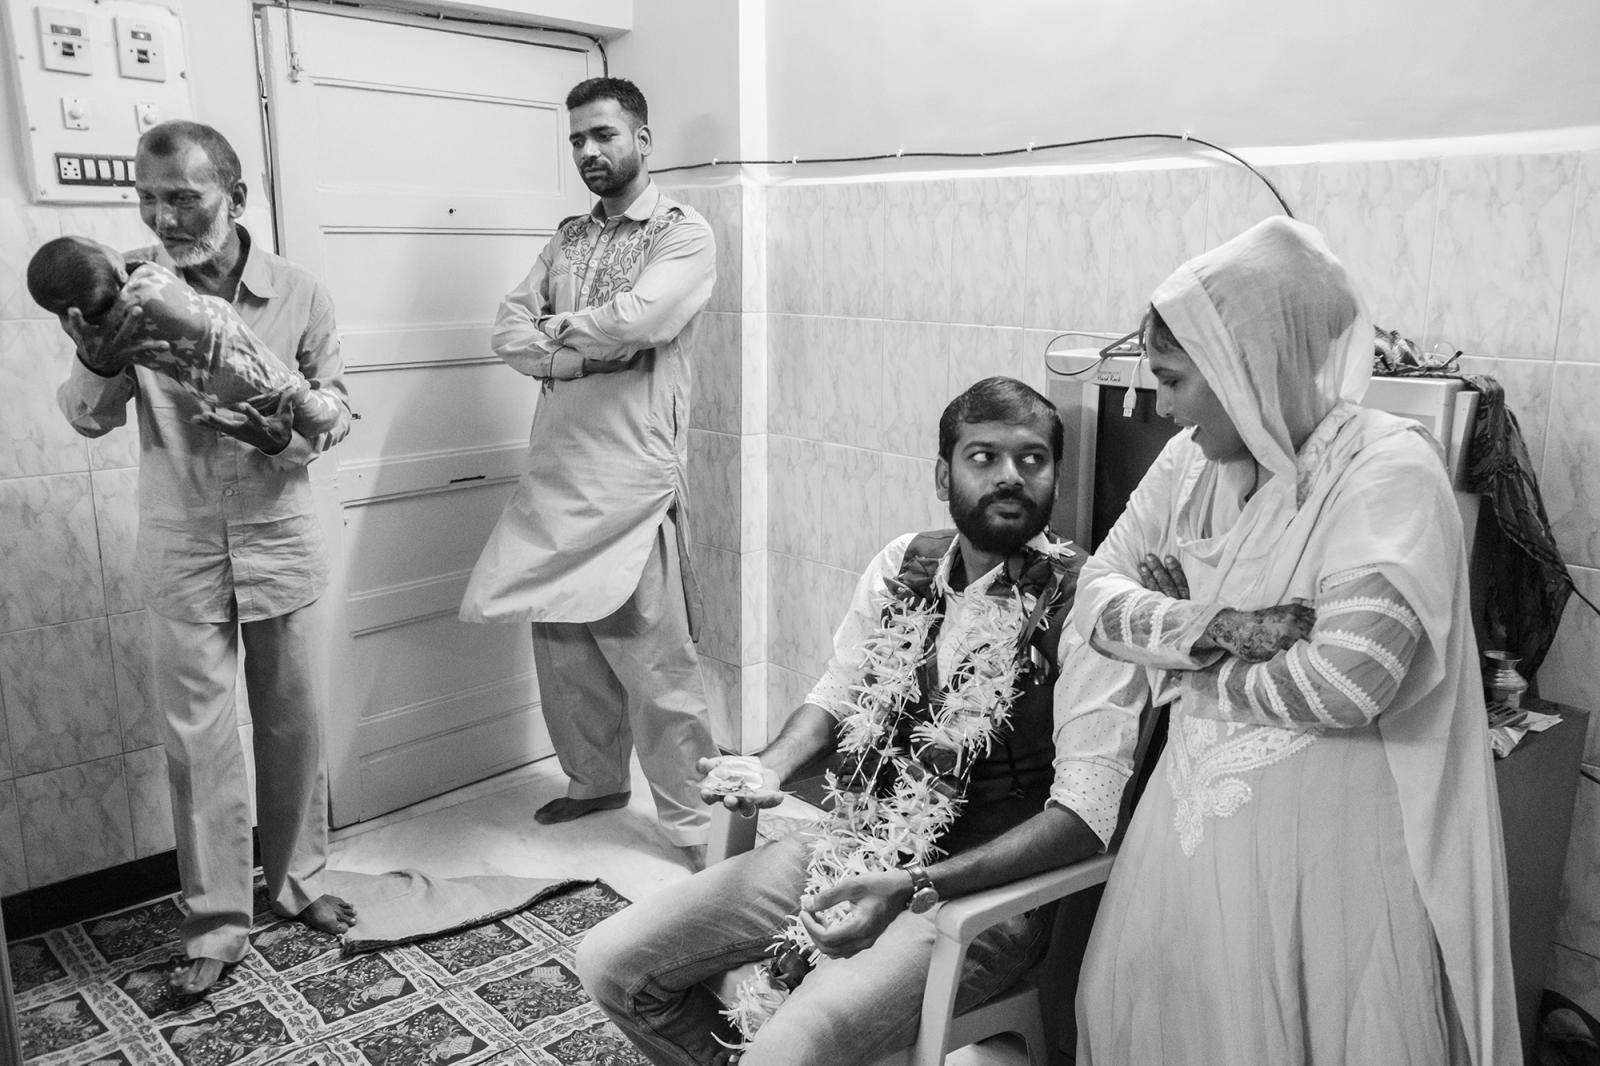 Photography image - Loading mumbai_wedding__destination_wedding__chennai__pondicherry__tamil_wedding__royal_wedding_stories__wedding_documentary___mouhamed_moustapha_3.jpg